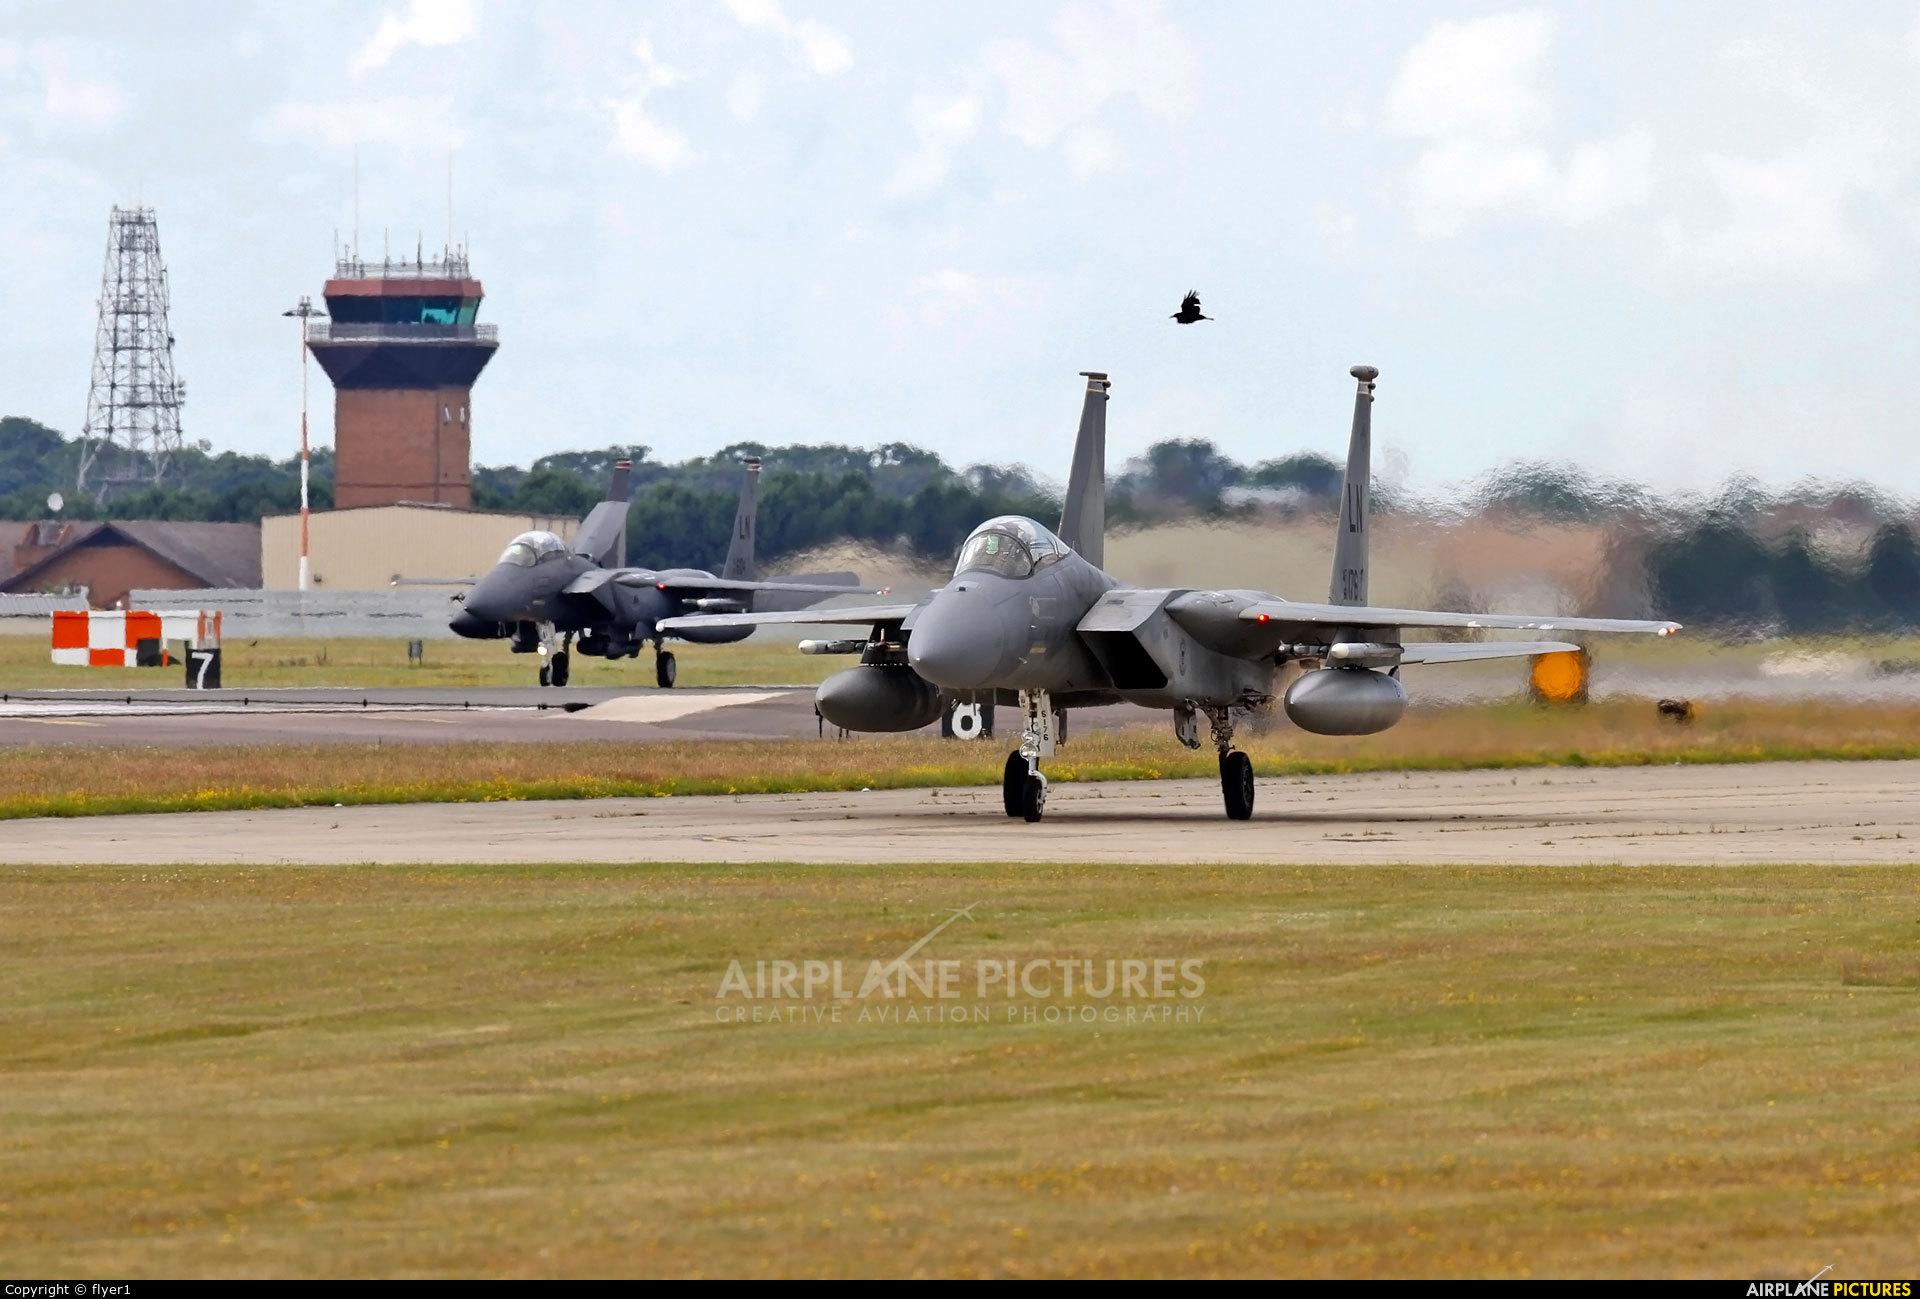 USA - Air Force 86-0176 aircraft at Lakenheath